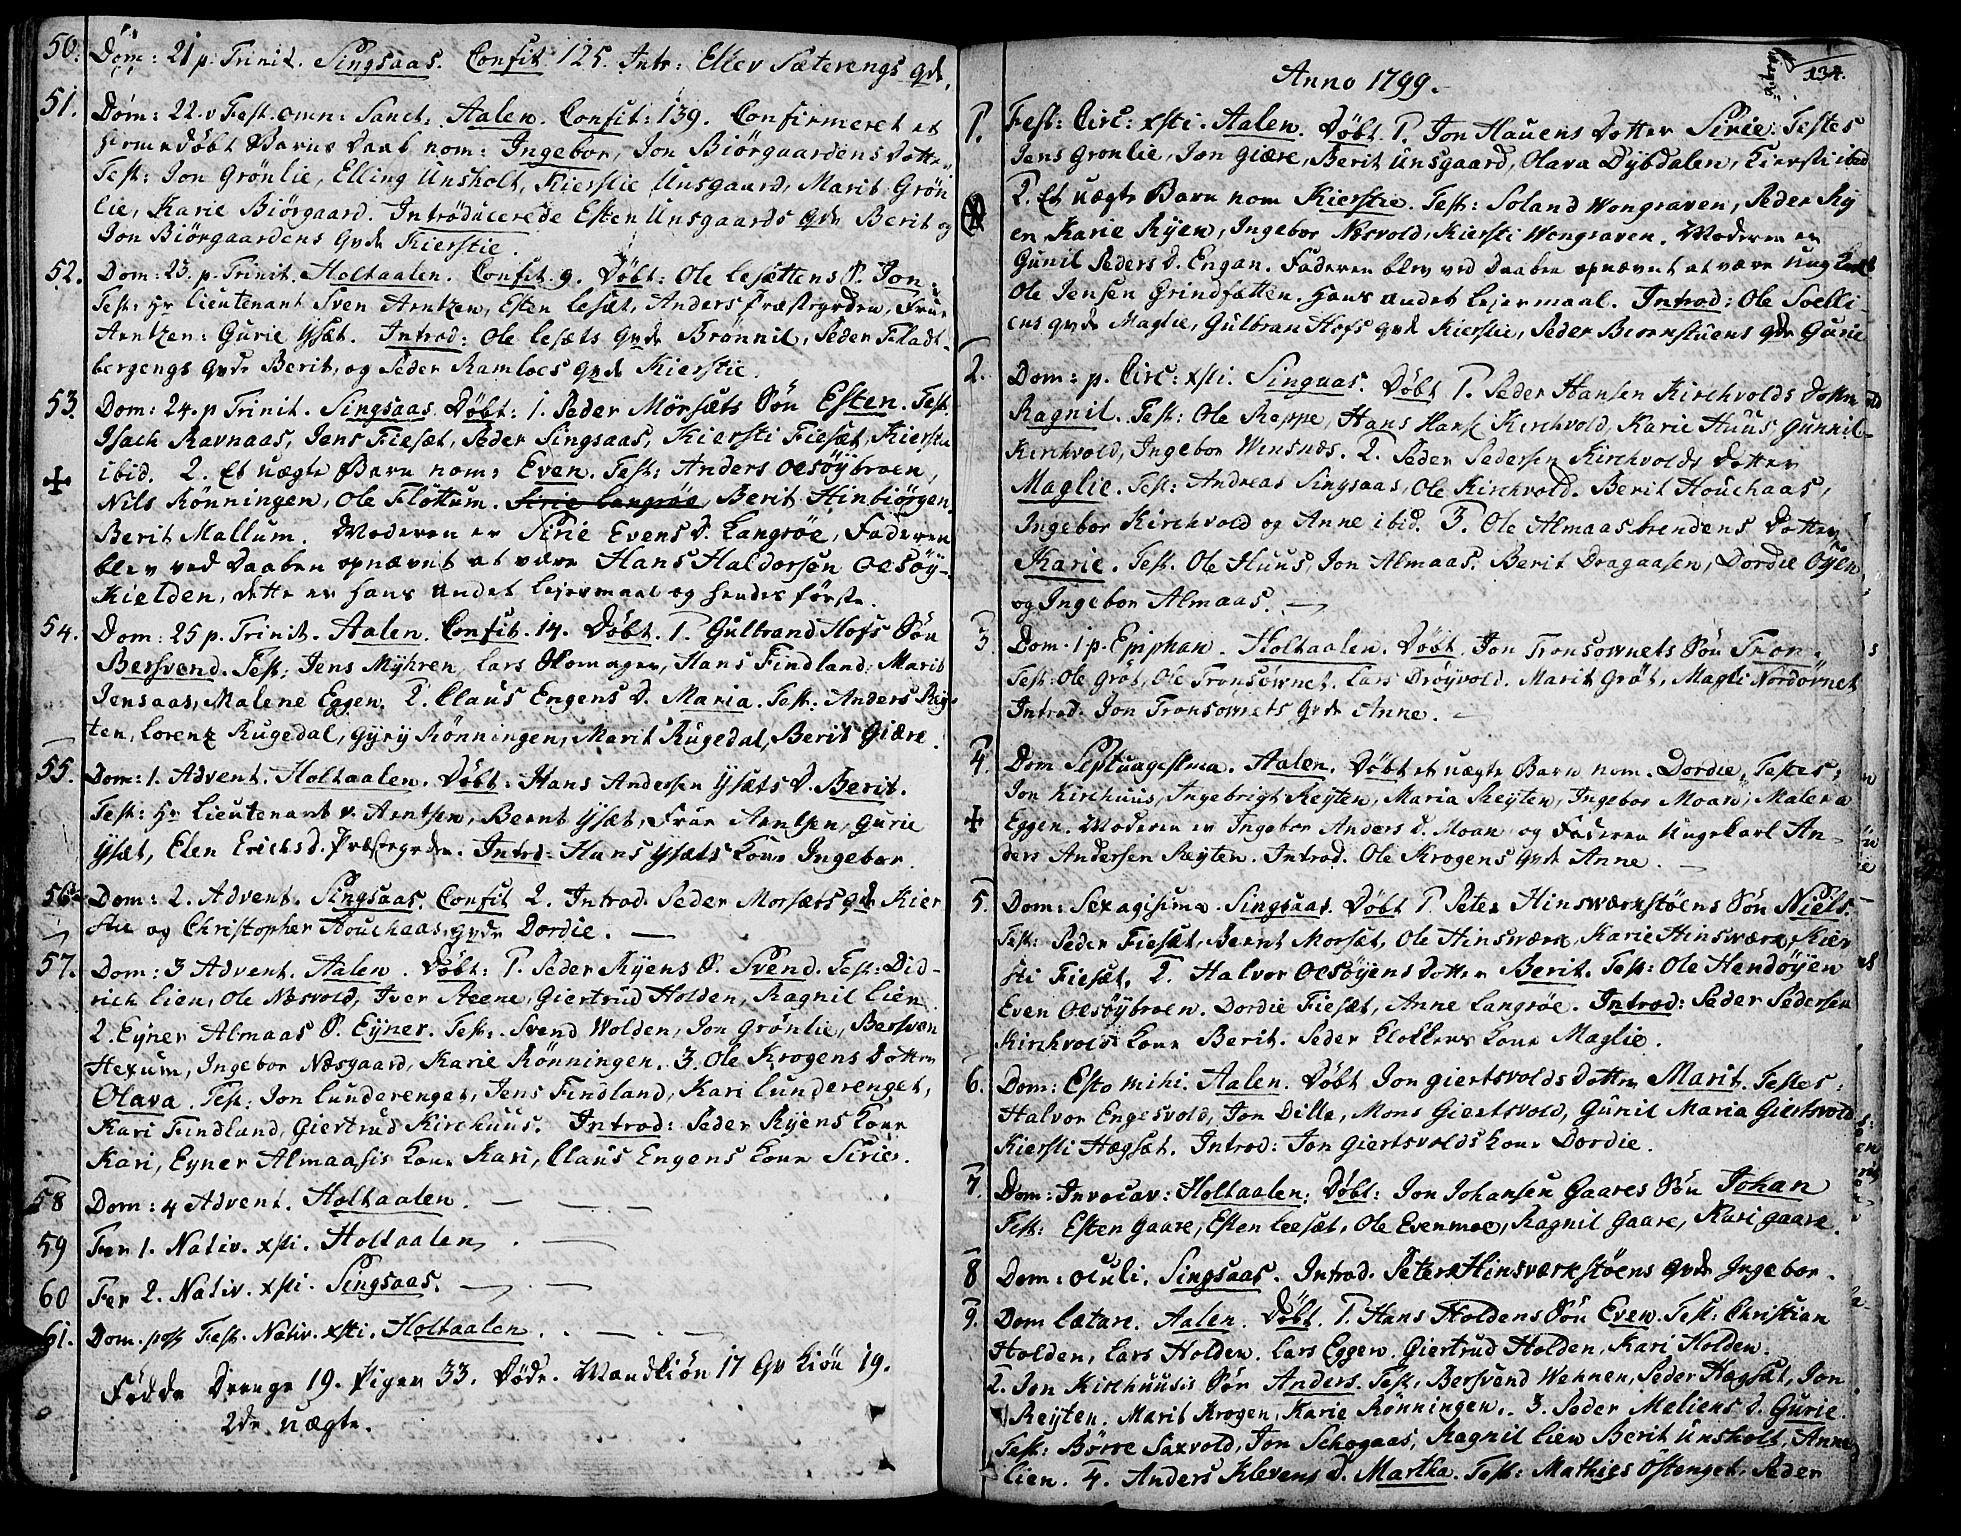 SAT, Ministerialprotokoller, klokkerbøker og fødselsregistre - Sør-Trøndelag, 685/L0952: Ministerialbok nr. 685A01, 1745-1804, s. 134